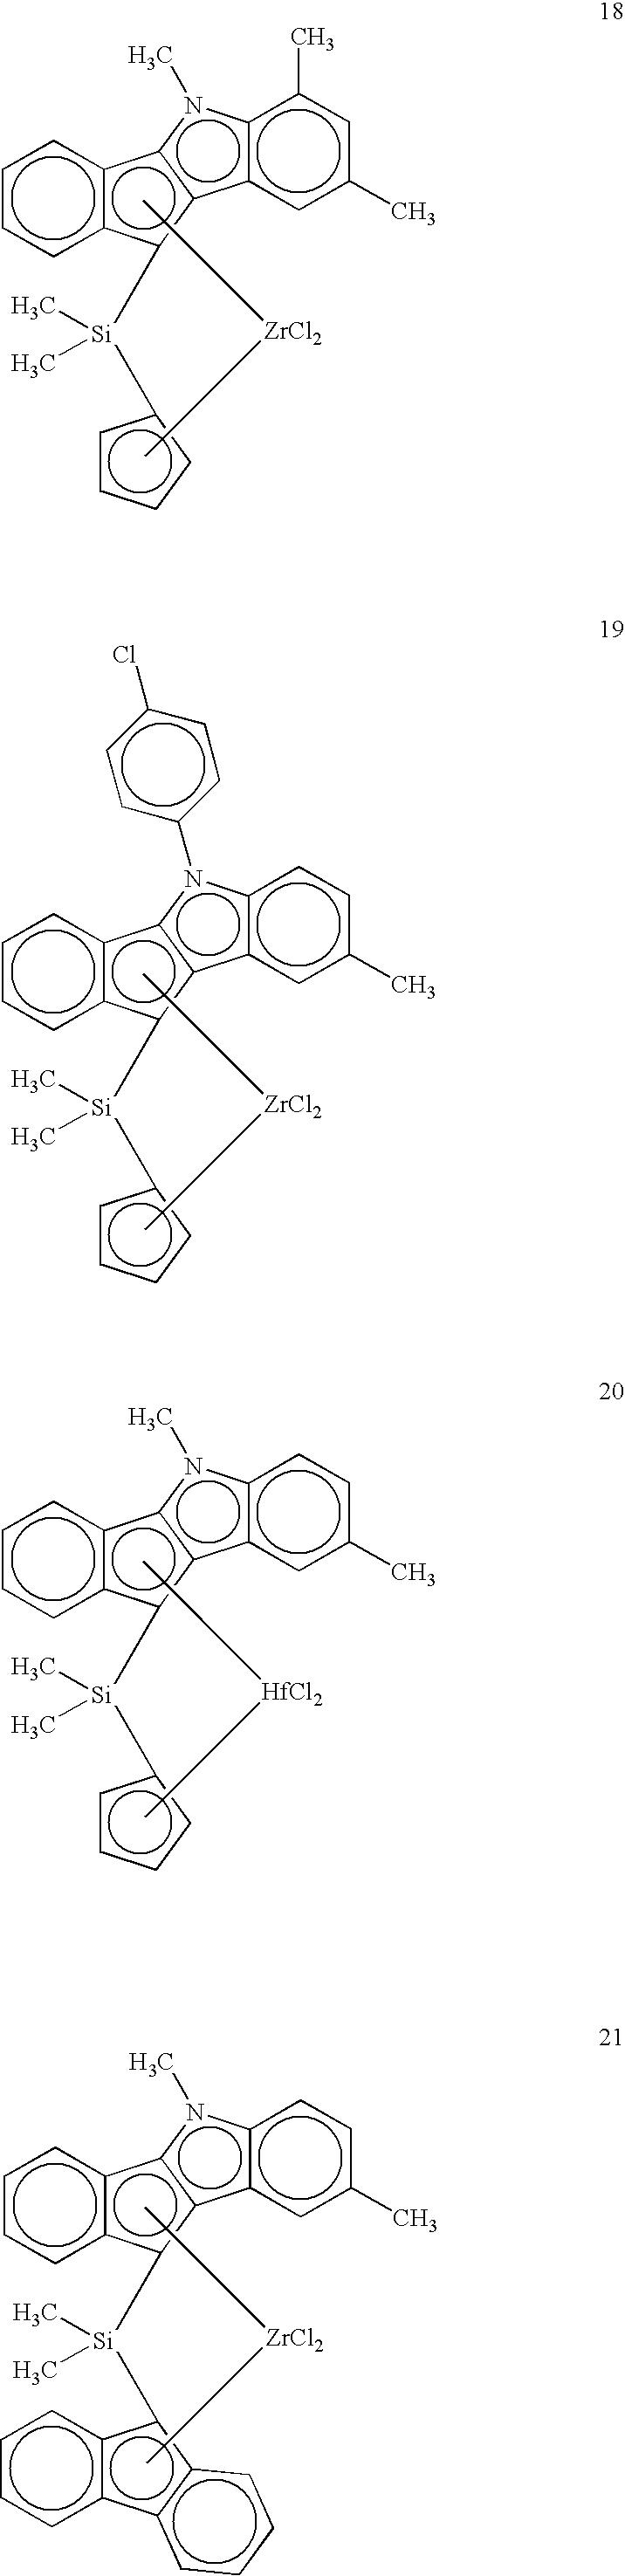 Figure US07723451-20100525-C00010